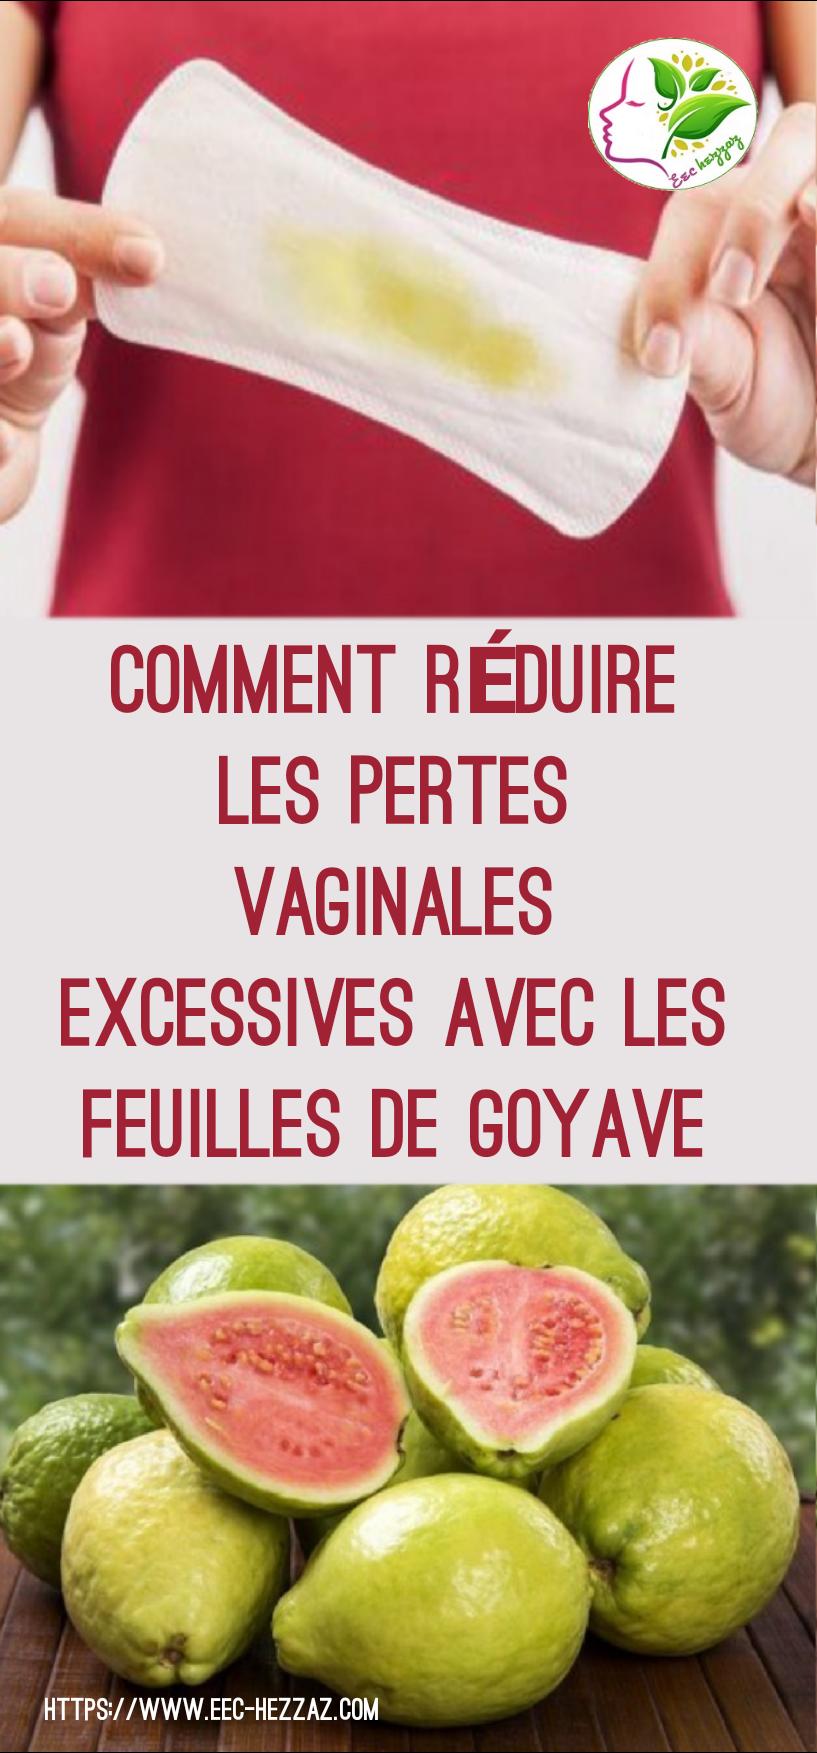 Comment réduire les pertes vaginales excessives avec les feuilles de goyave